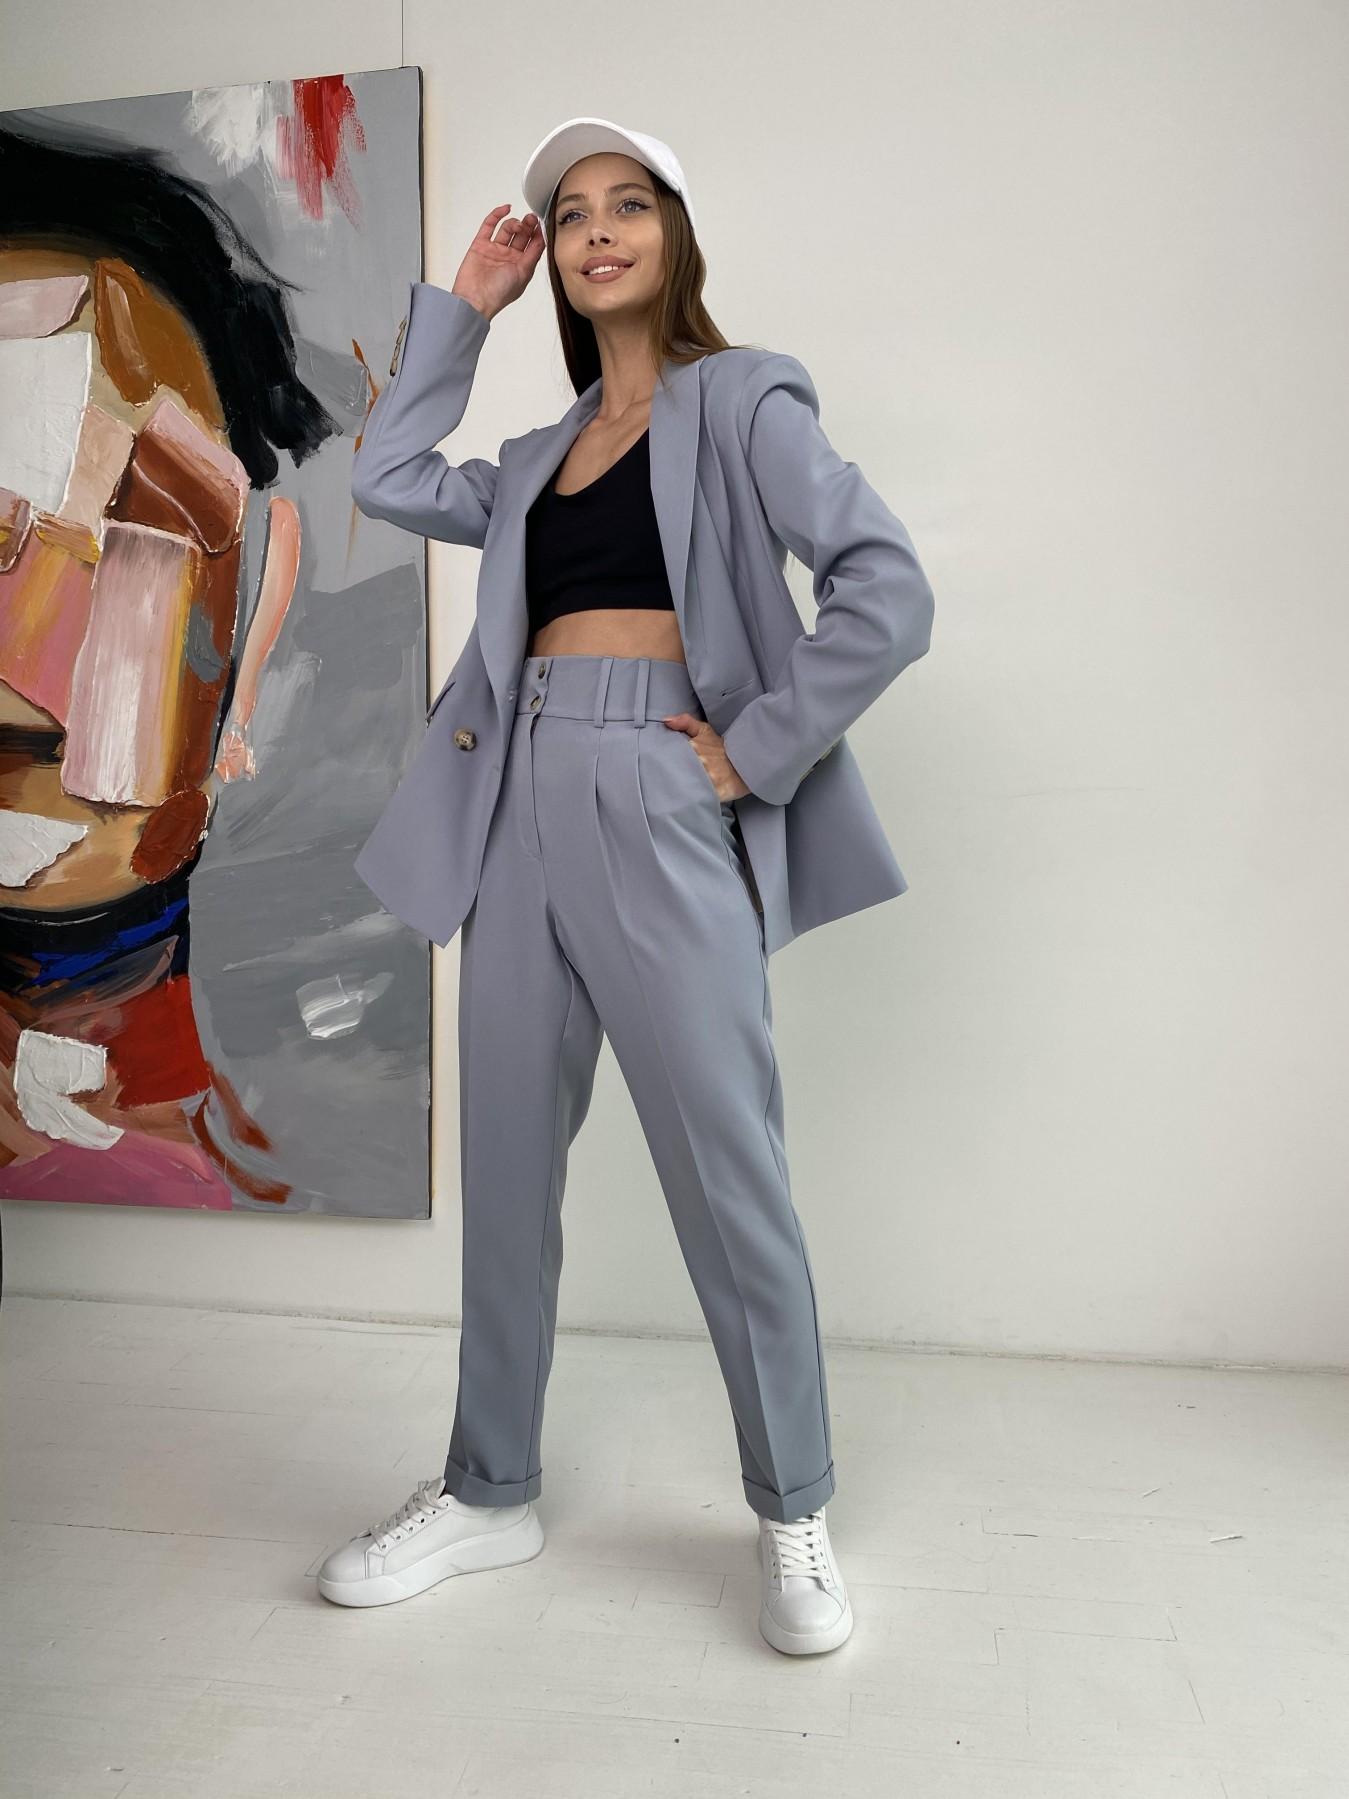 Франко костюм стрейчевый из костюмной ткани 11090 АРТ. 47971 Цвет: Серый - фото 5, интернет магазин tm-modus.ru